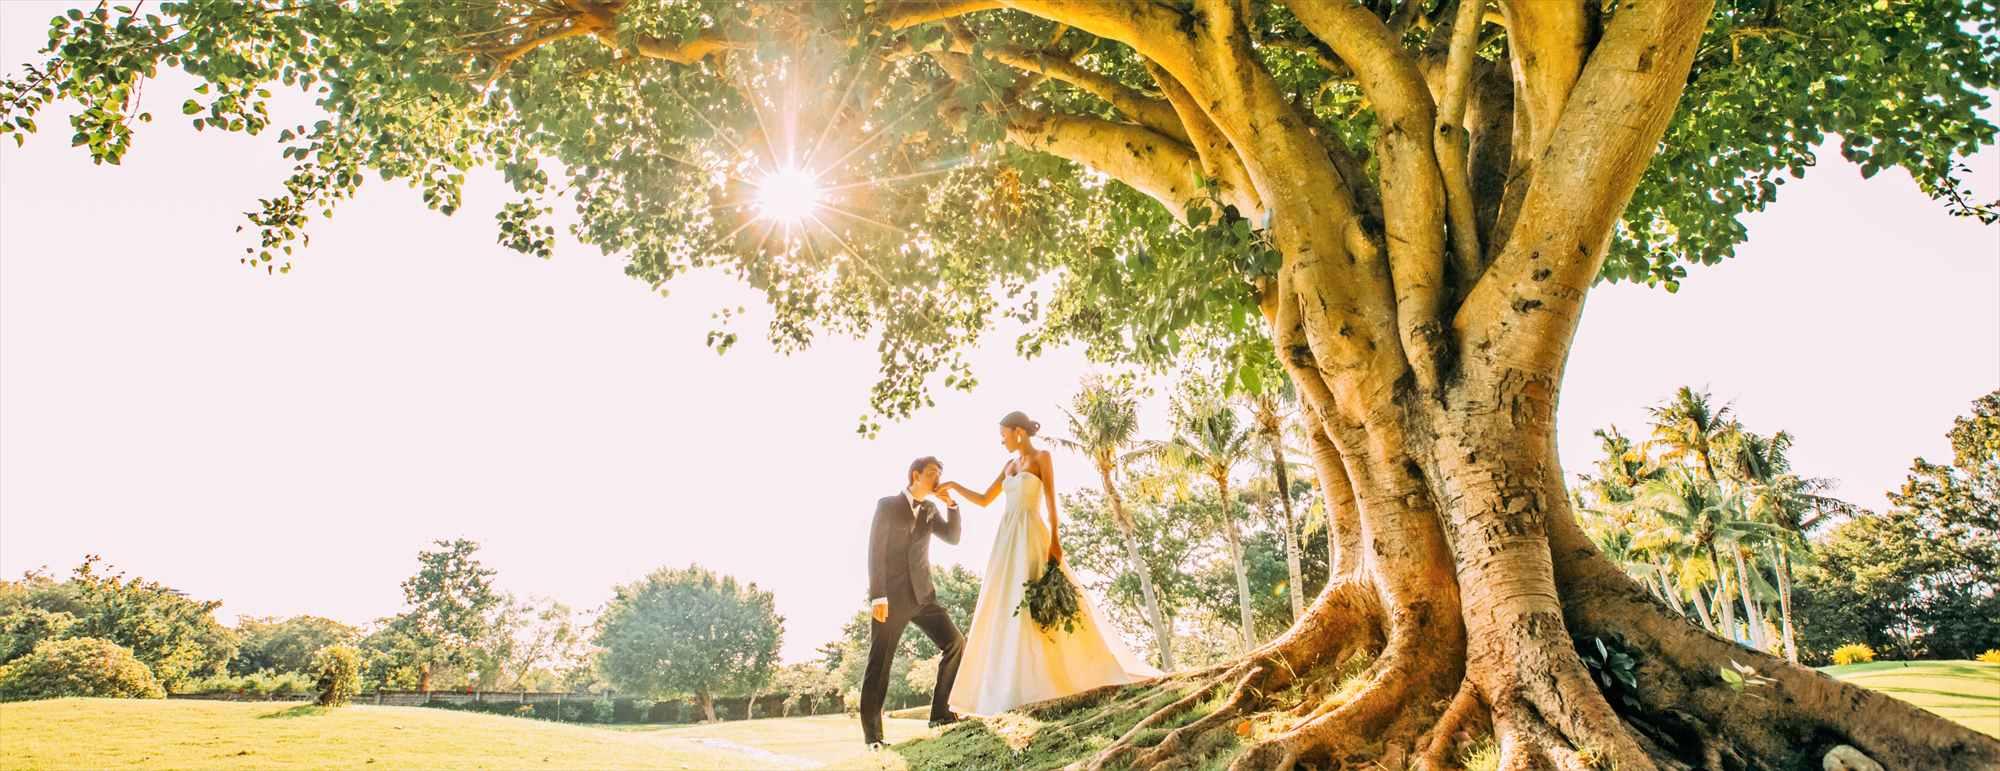 セブ島ガーデン・ウェディング・フォトShagri-La's Mactan Resort&Spa Wedding Photo~シャングリラ・マクタン挙式